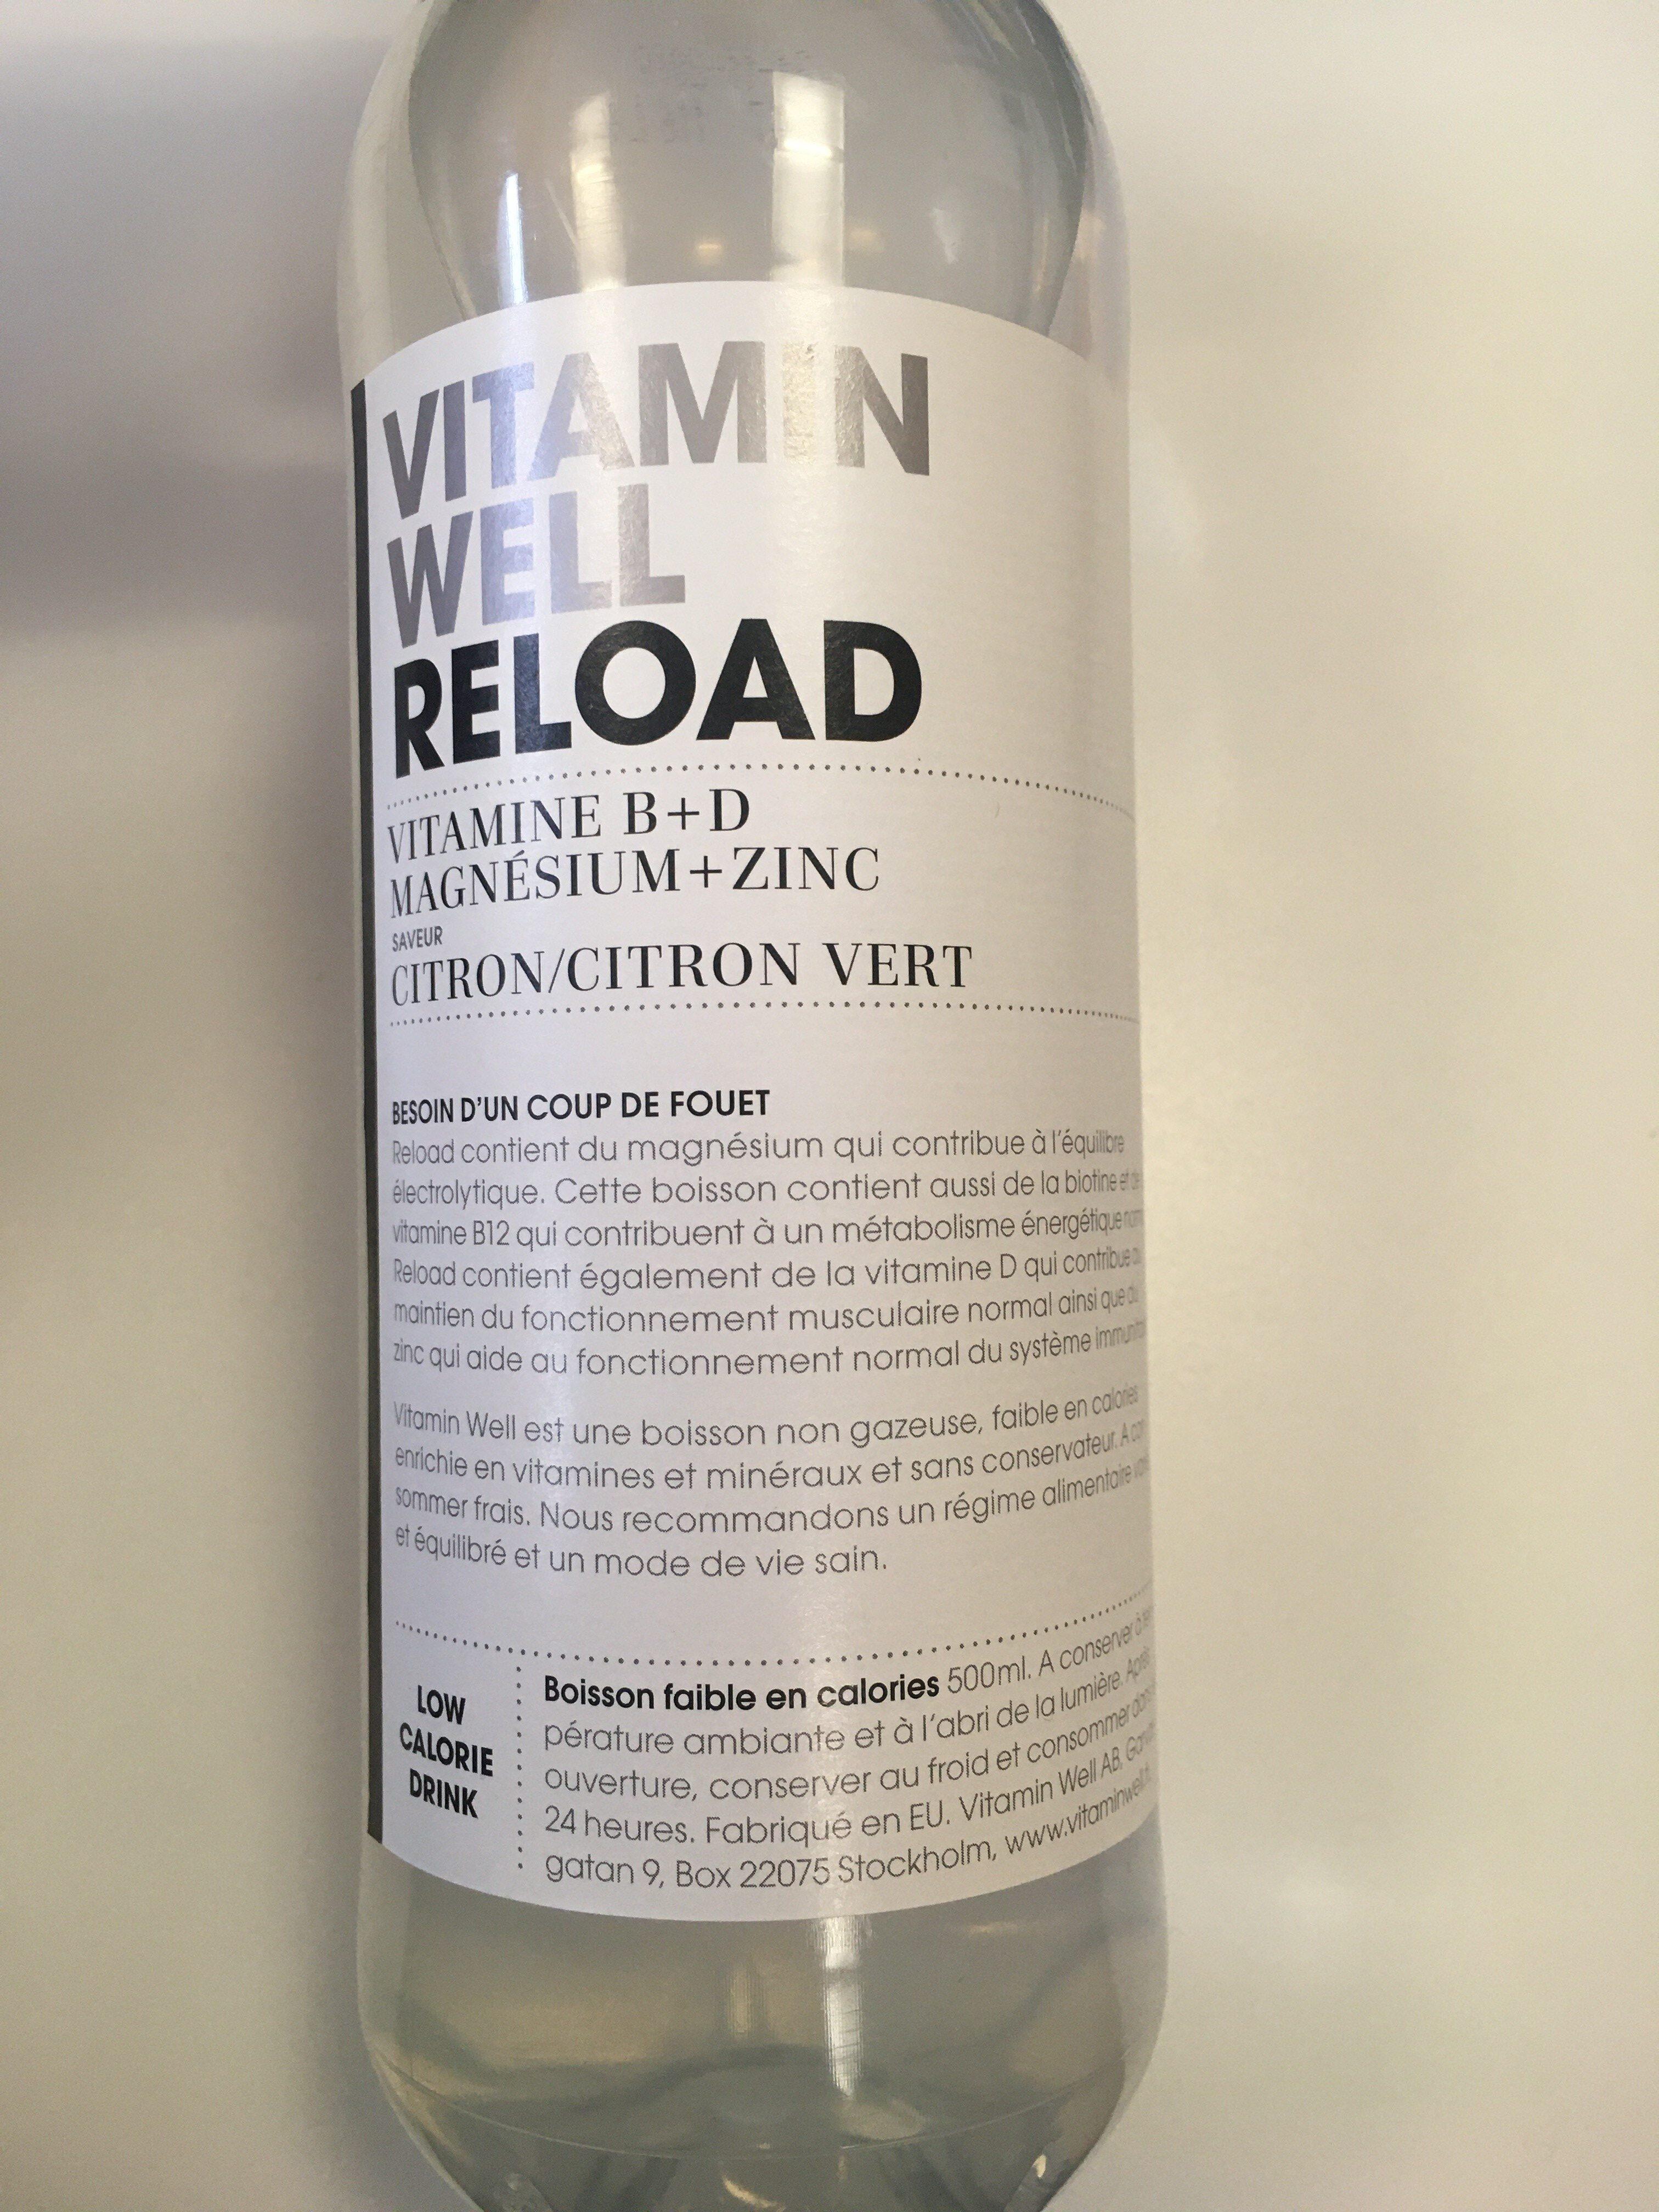 Vitamin well reload - Produit - fr